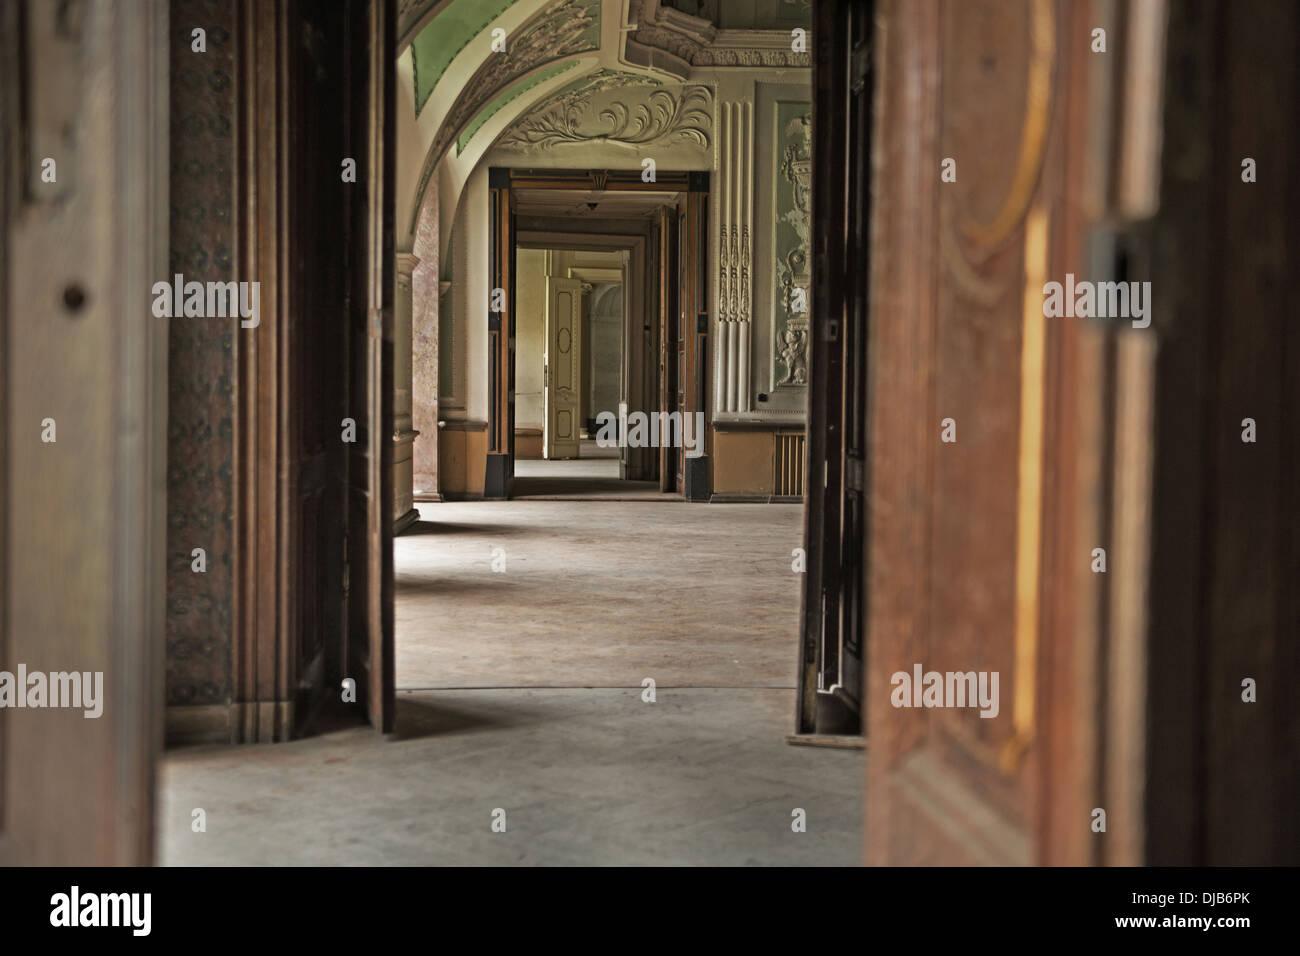 Dans un intérieur en bois, l'hôtel de luxe Photo Stock